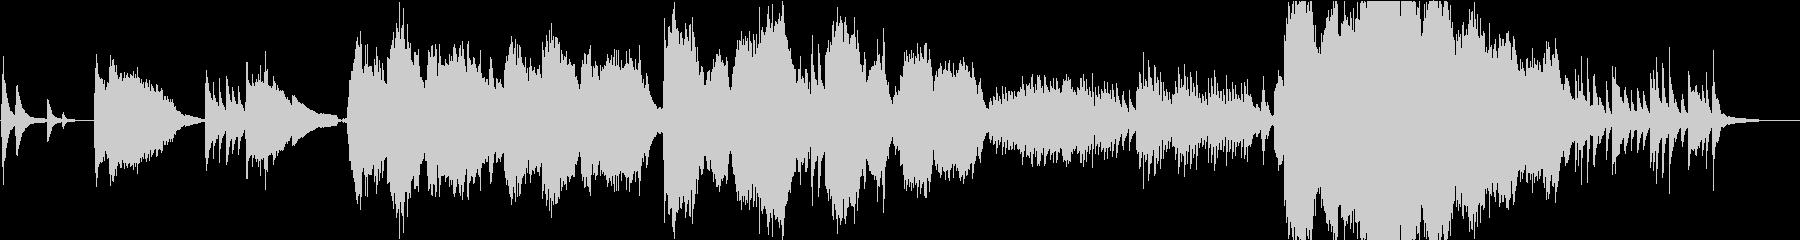 エルフ語の、幻想的なヒーリング曲の未再生の波形